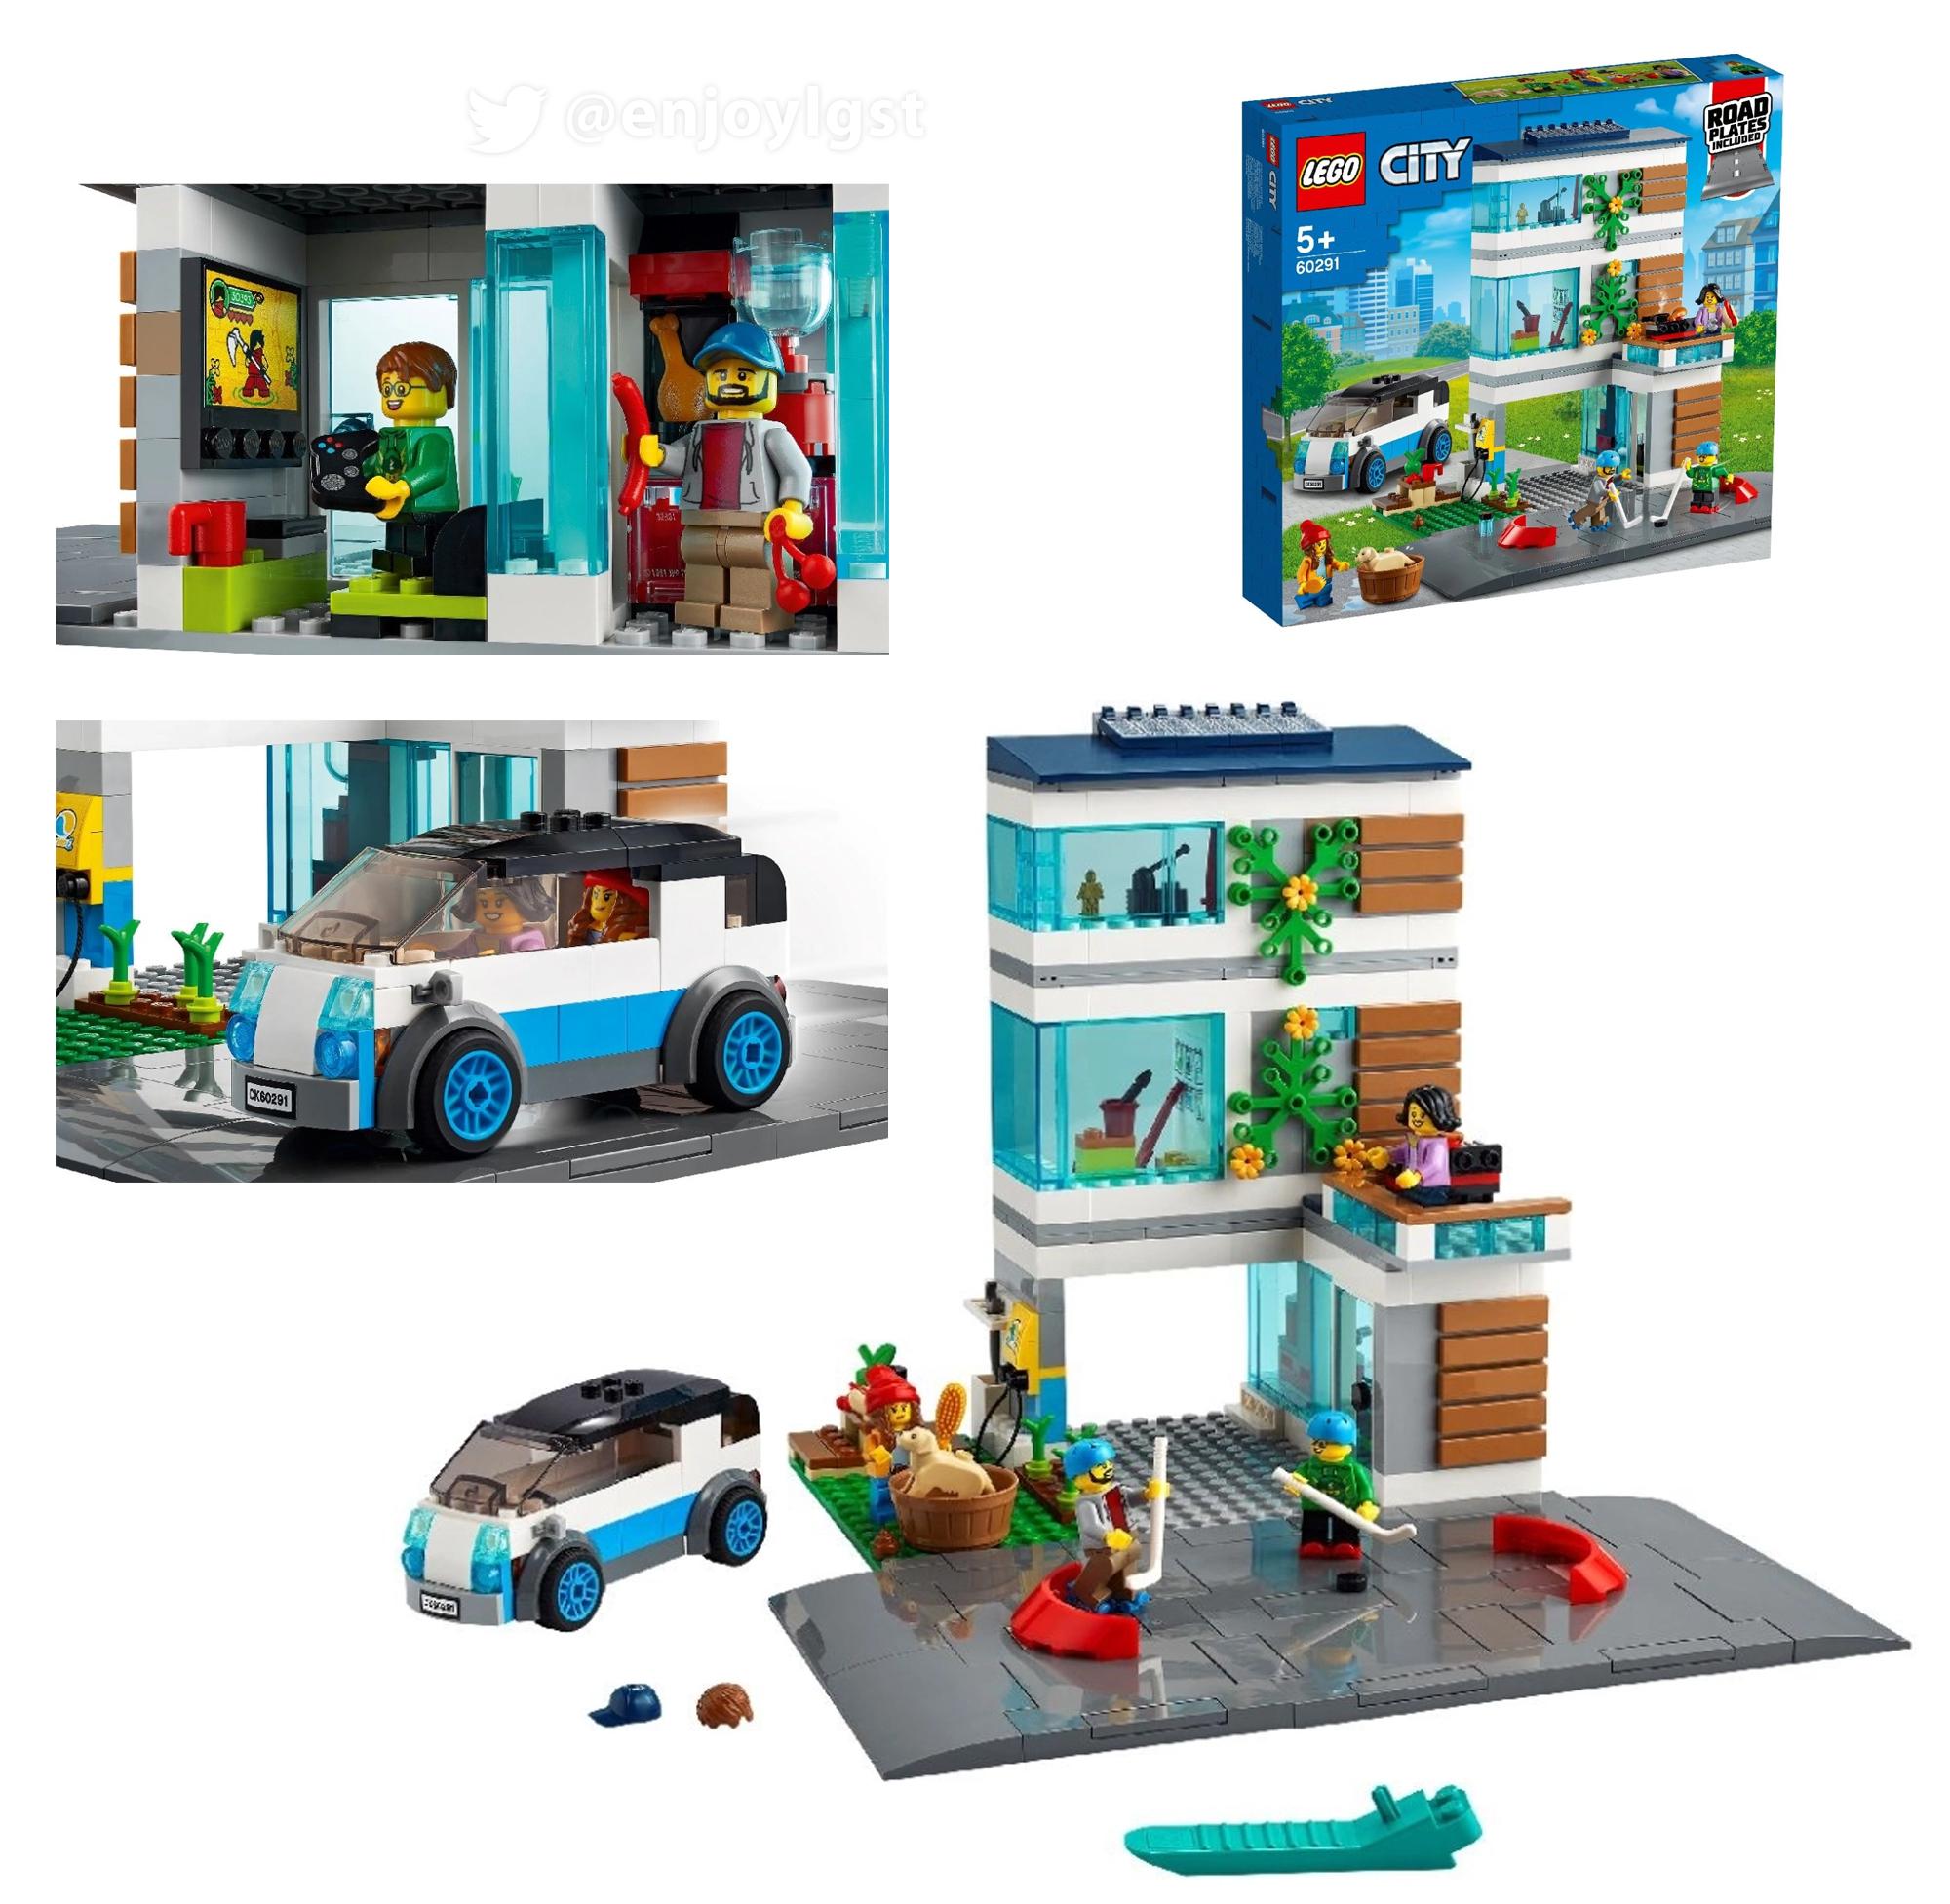 2021年レゴシティ新製品第1弾情報!(ポリスと消防以外):みんな大好きレゴ定番シリーズ!